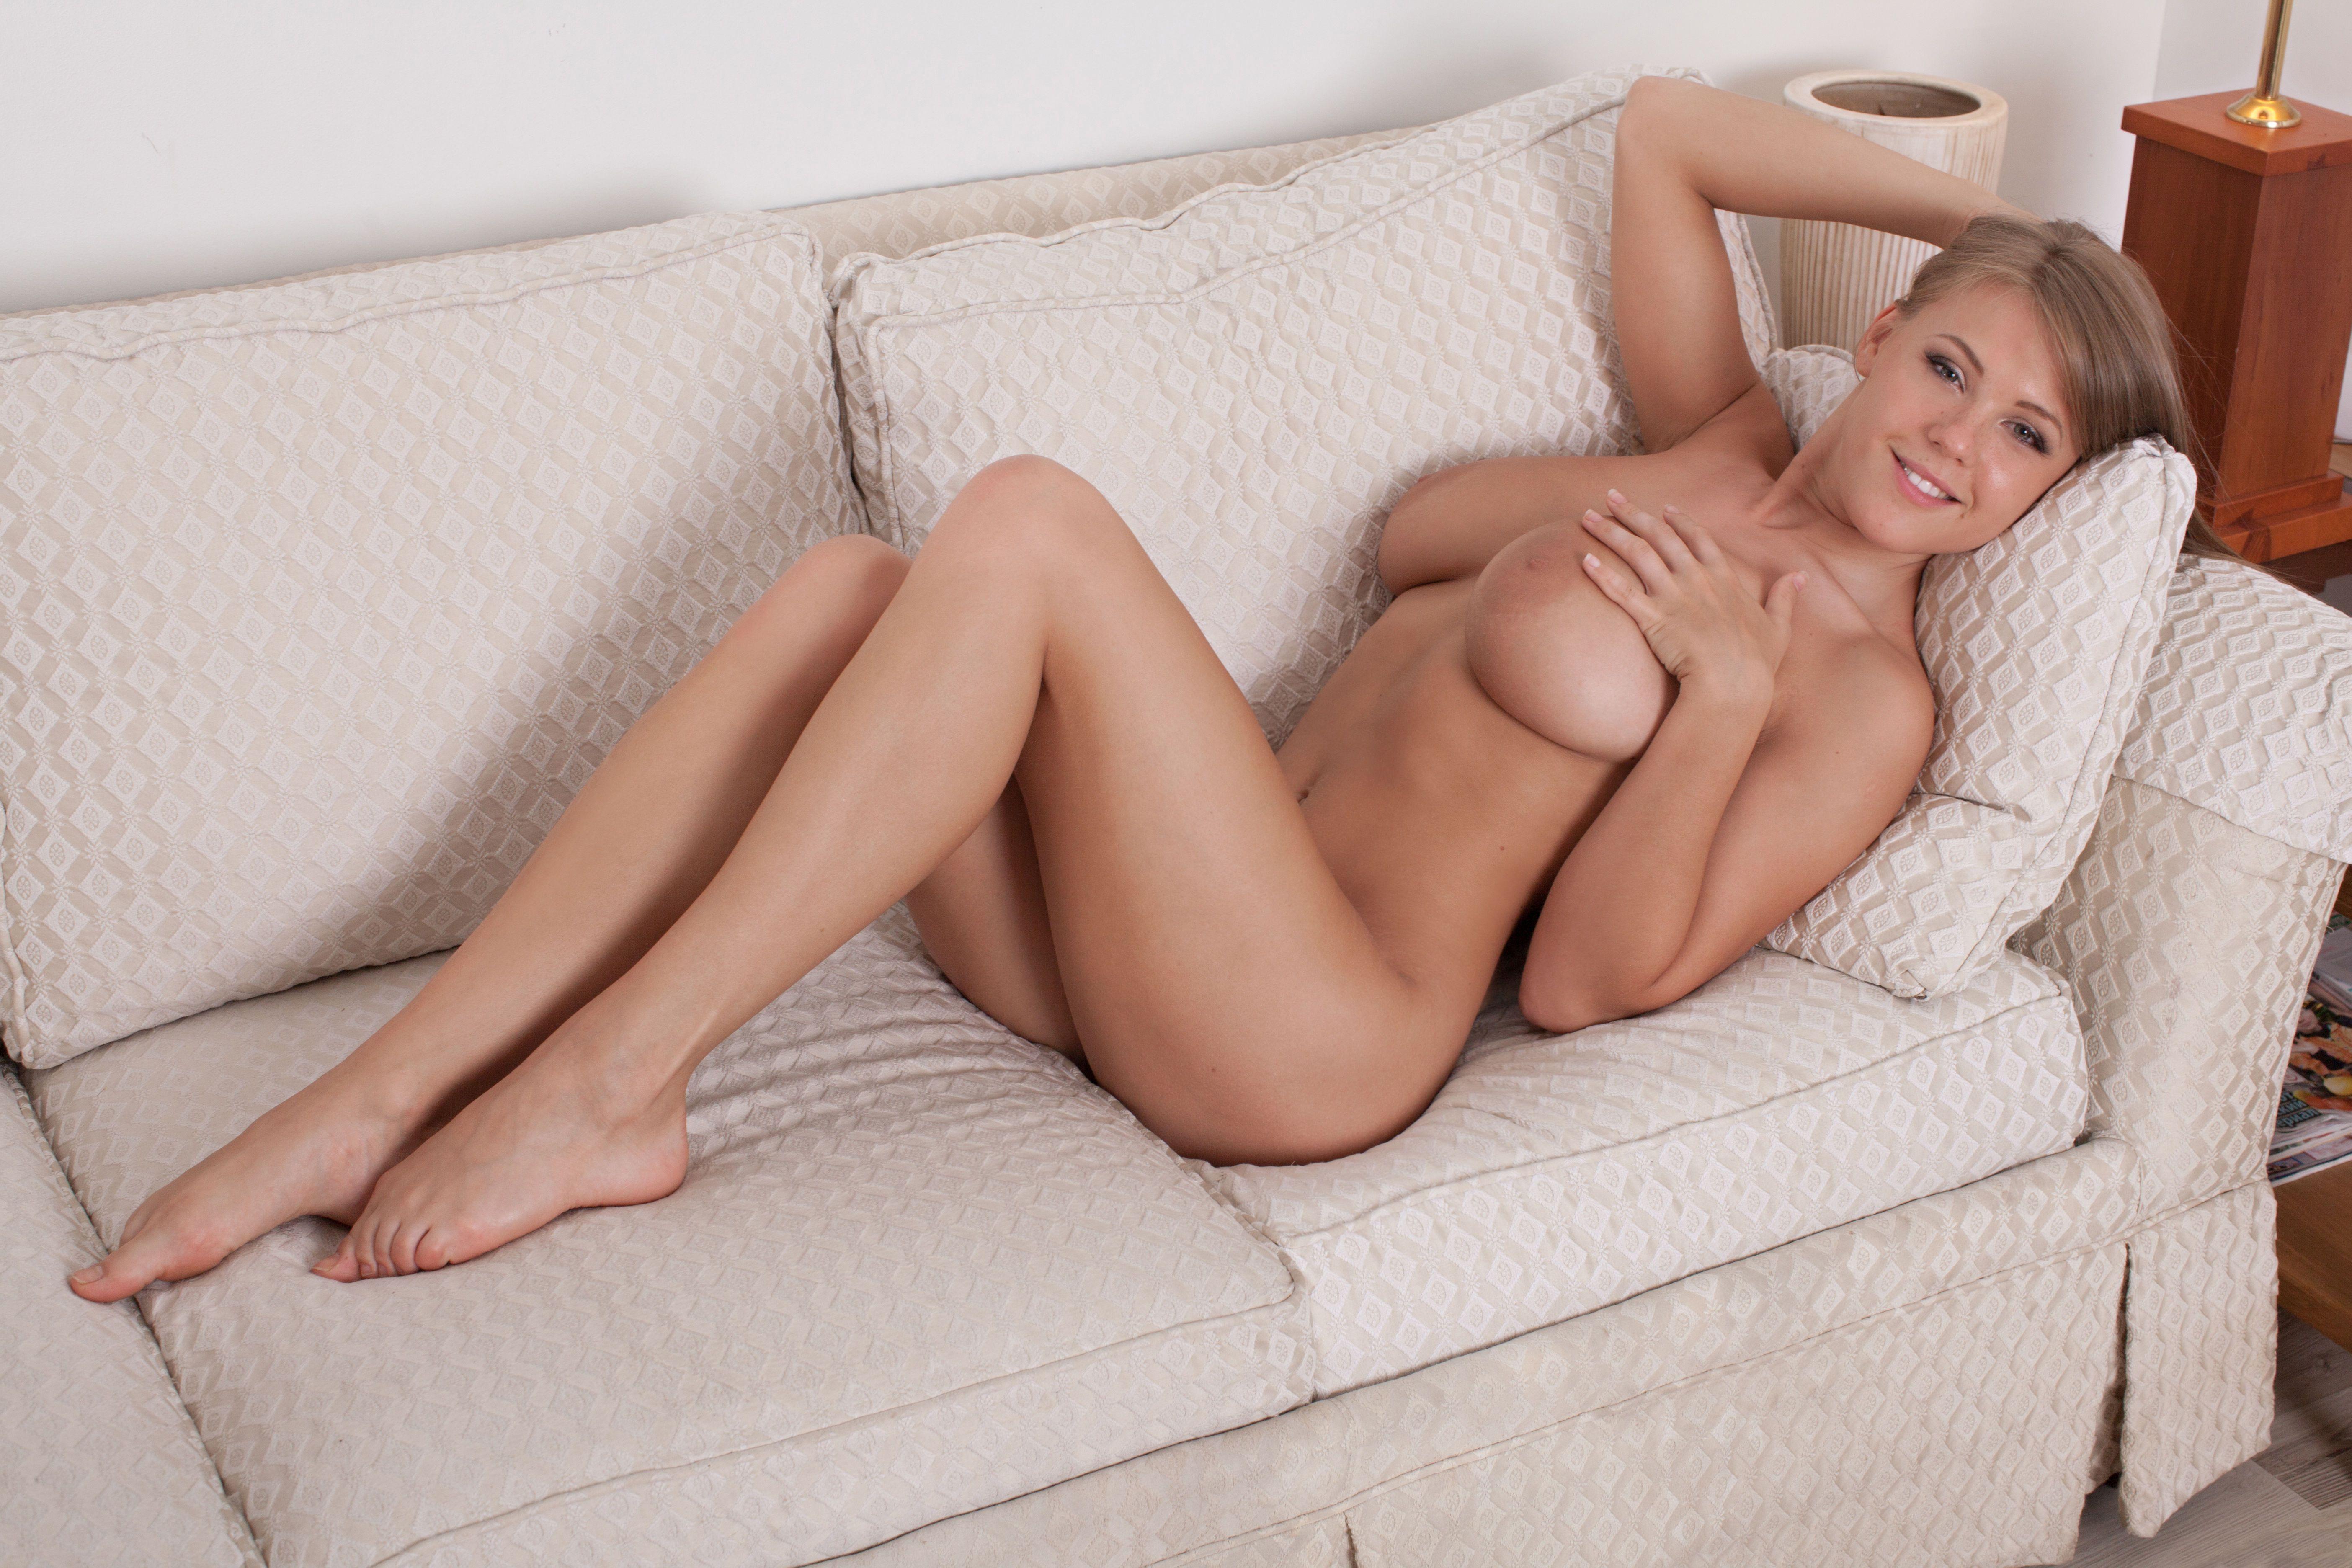 penn state girls naked